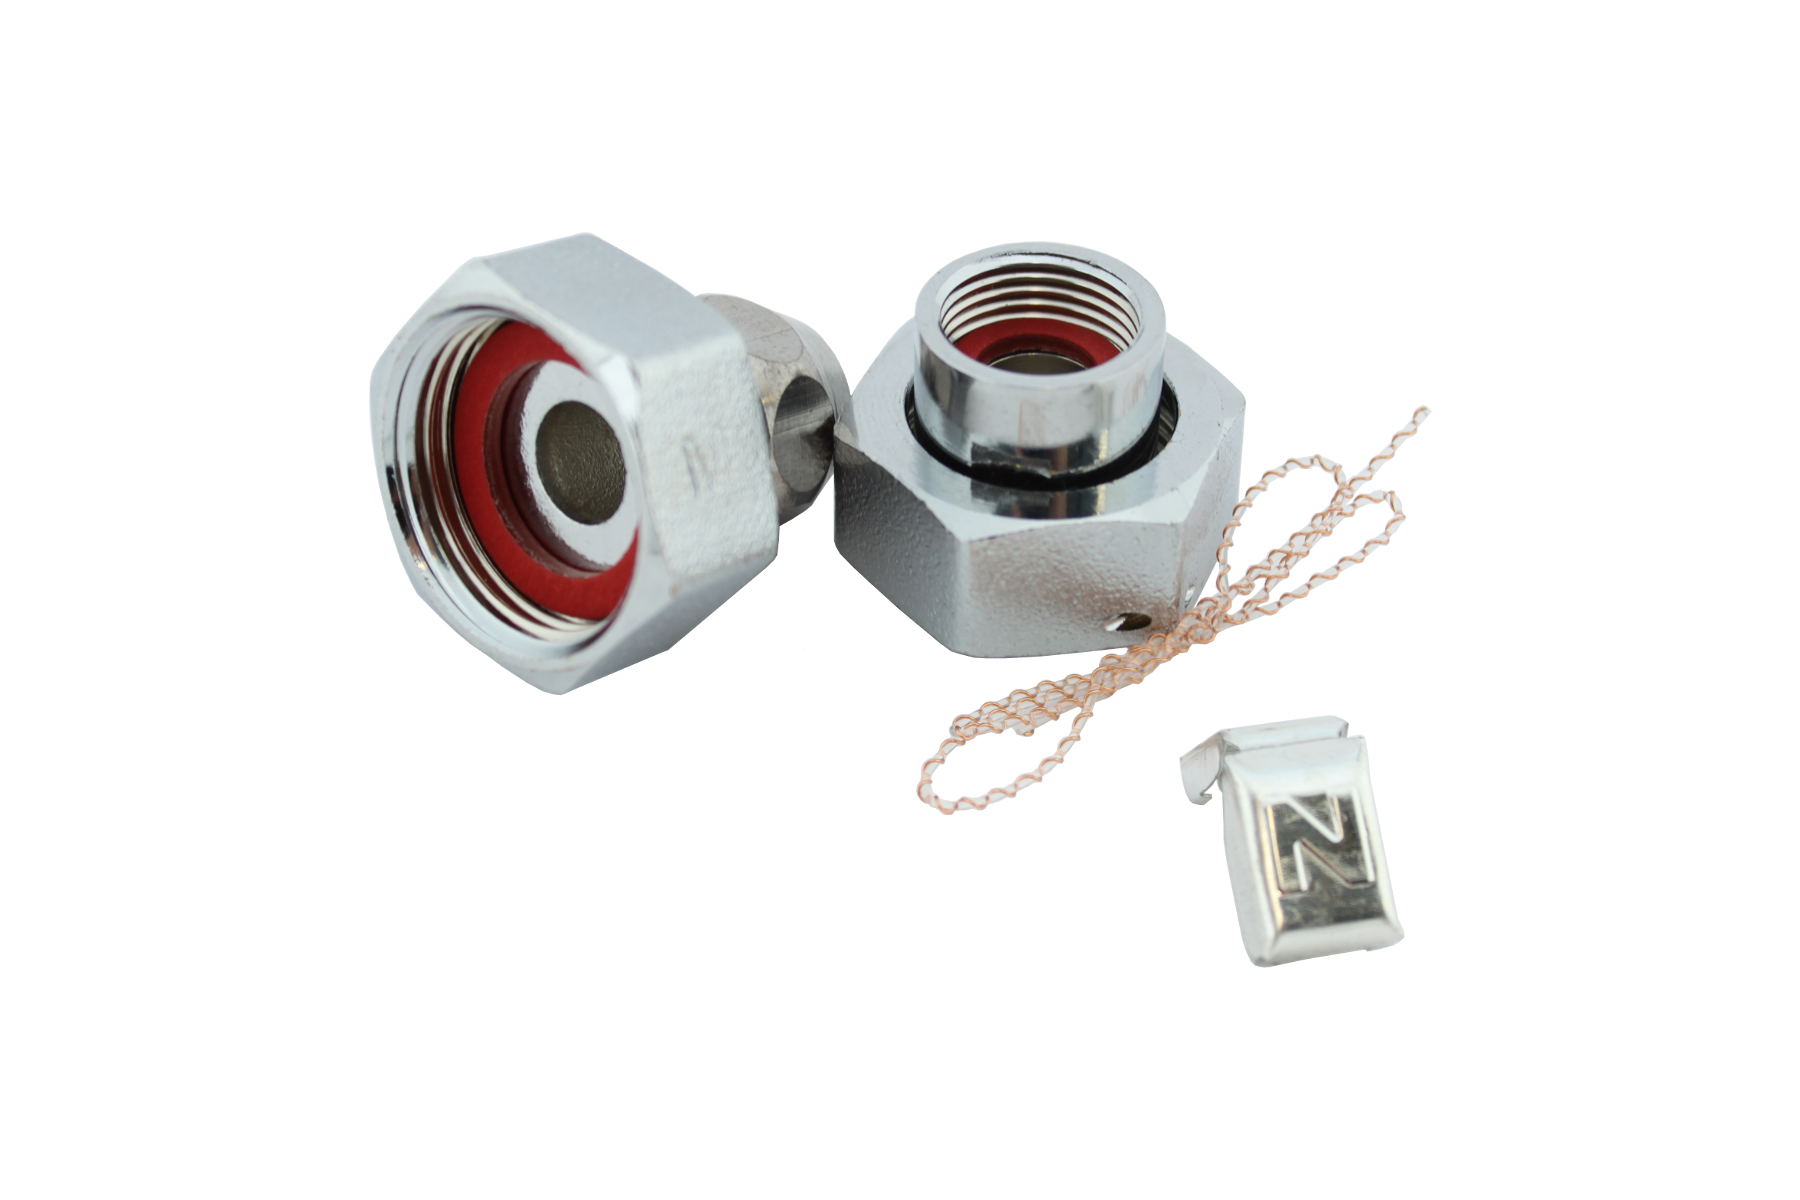 Einbauset für Waschtischzähler mit Quetschverschraubung 10mm